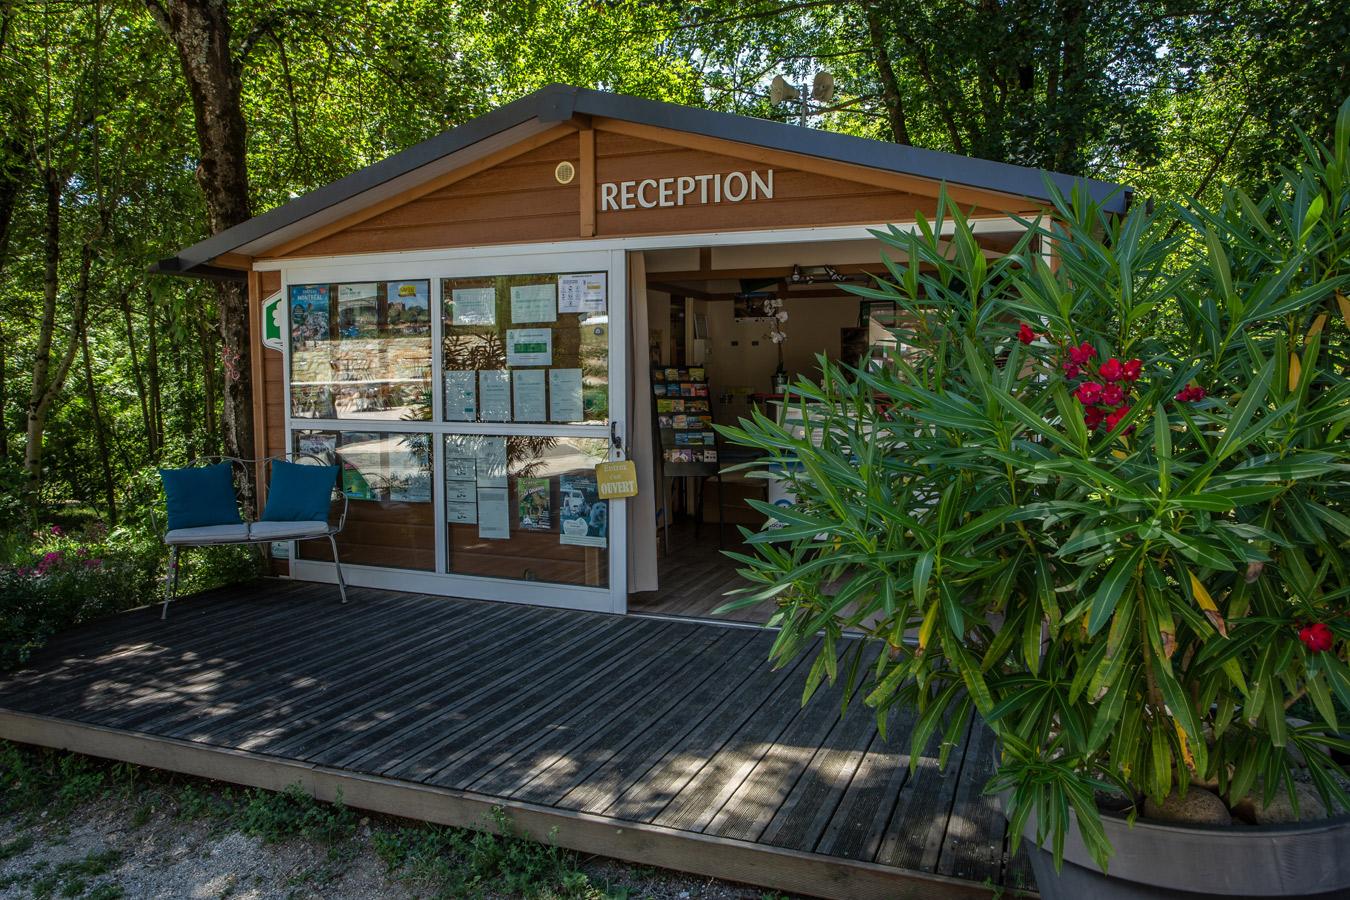 Die Rezeption des Campingplatzes